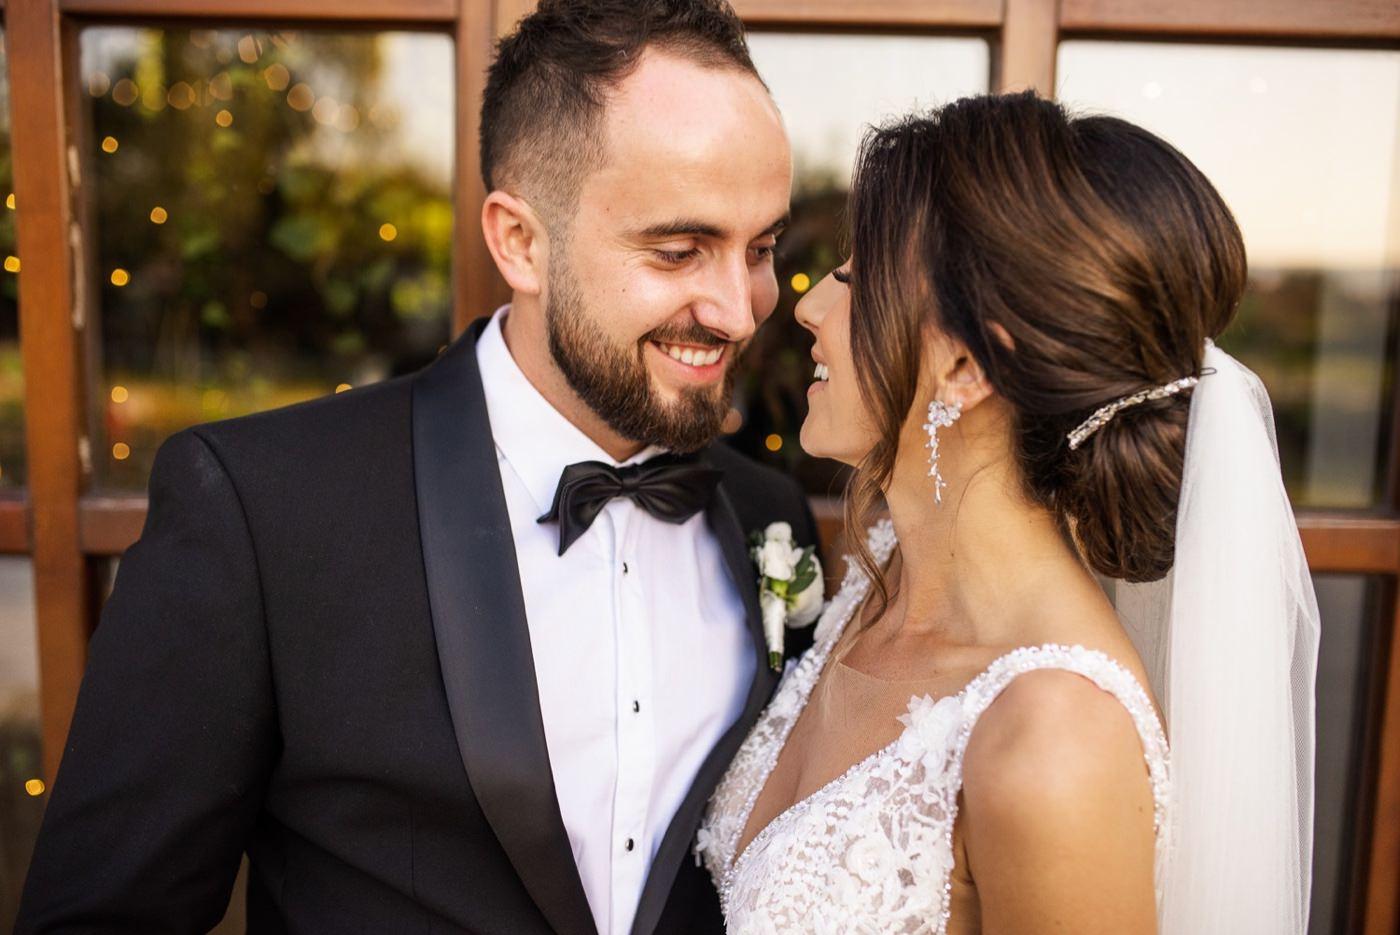 fotograf slubny, fotograf slubny krakow, zdjecia slubne krakow, dwor w tomaszowicach, wesele w dwor tomaszowice, wesele w dworze w tomaszowicach